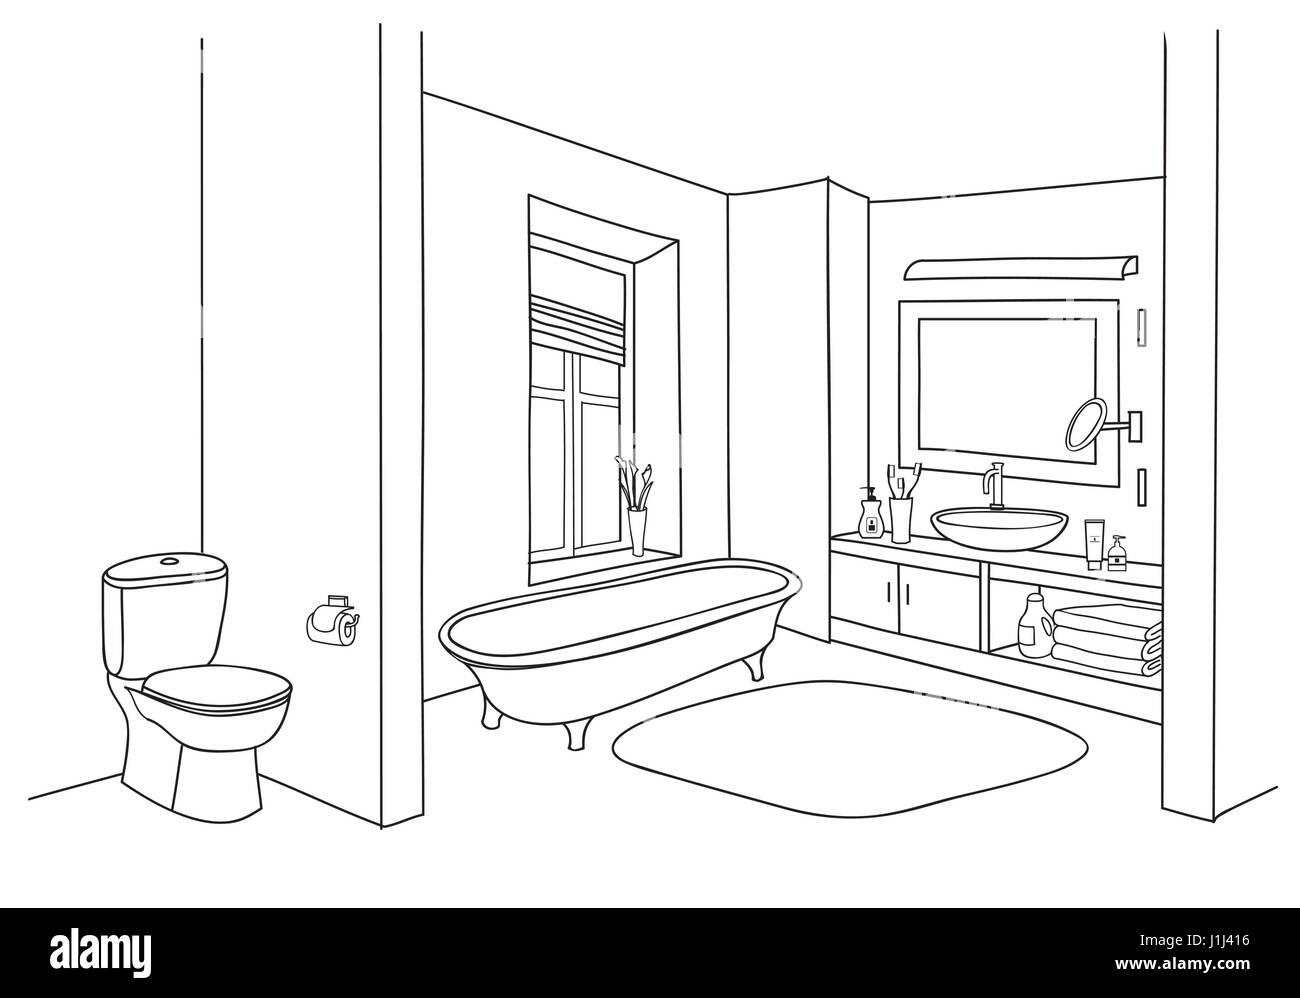 Bathroom Interior Sketch Room View With Doodle Drawn